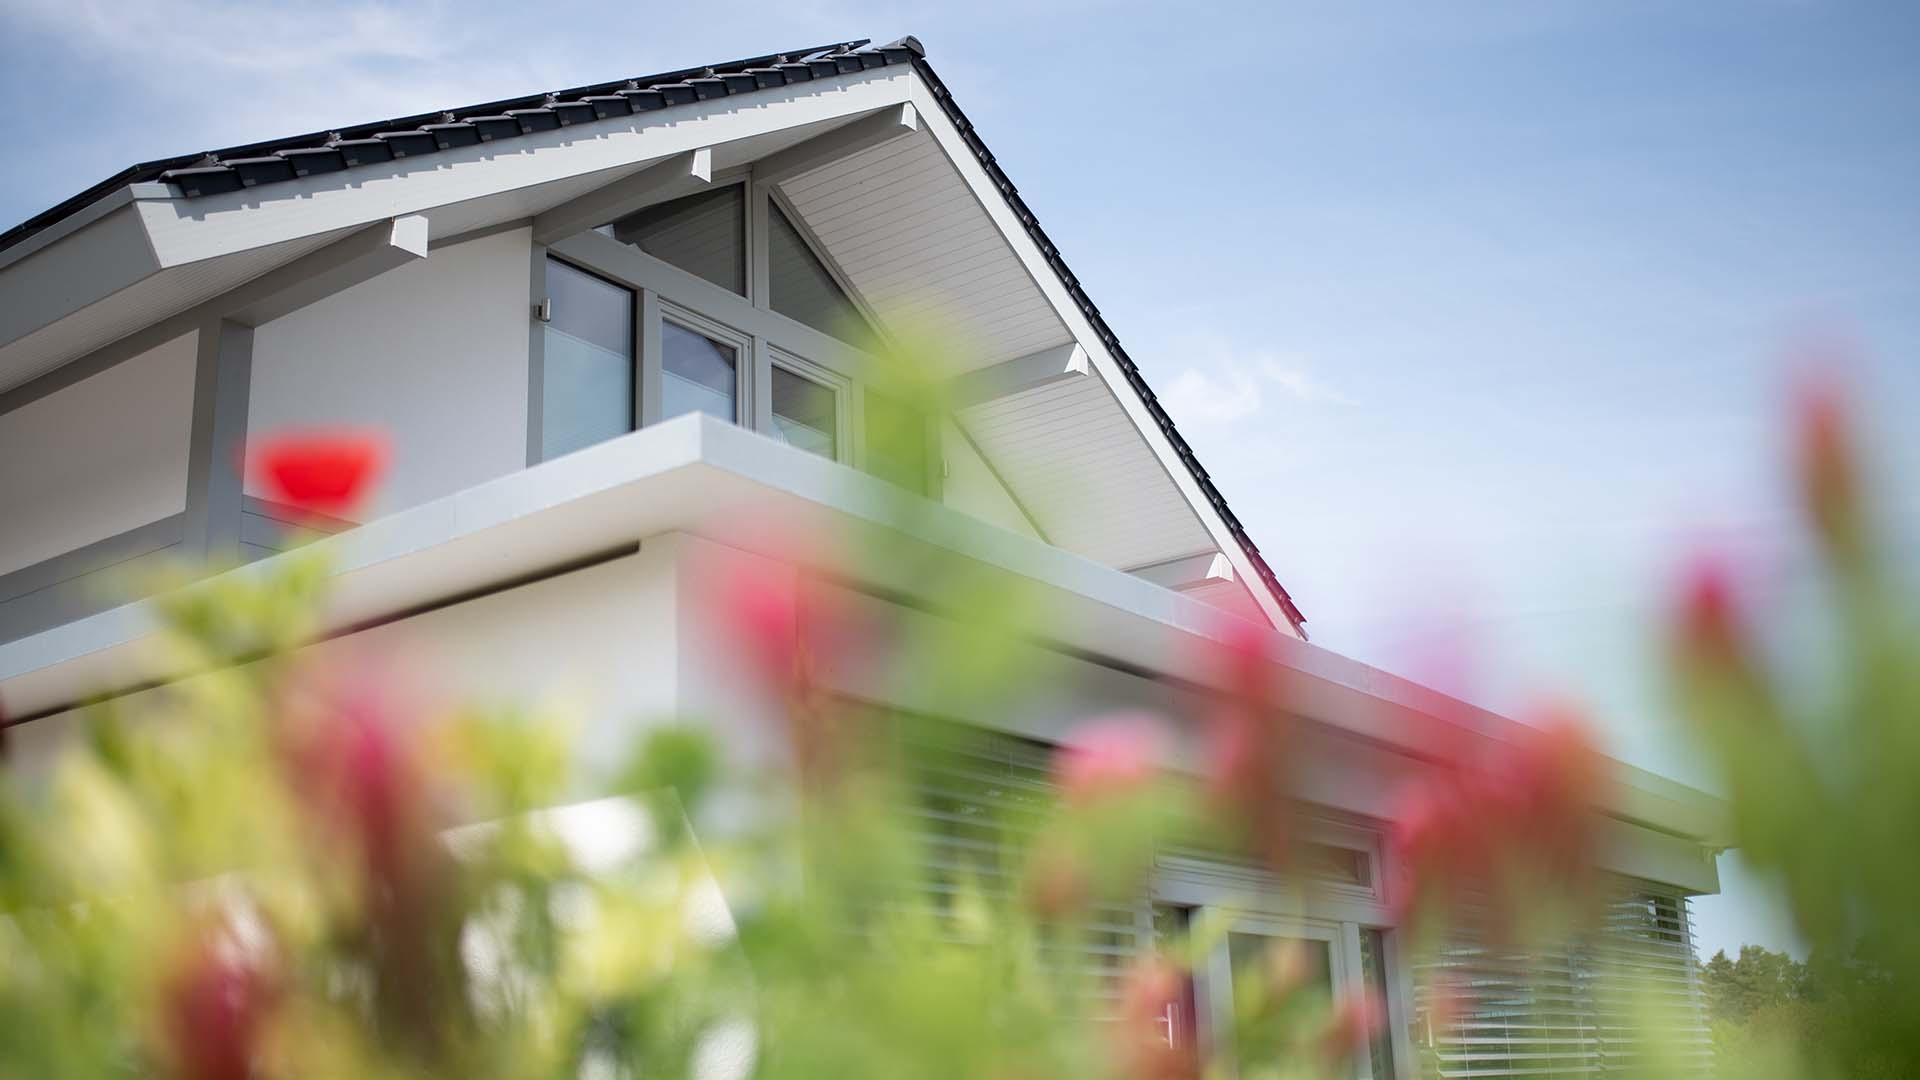 Detmolder Fachwerkhaus – Energieffizienz 02